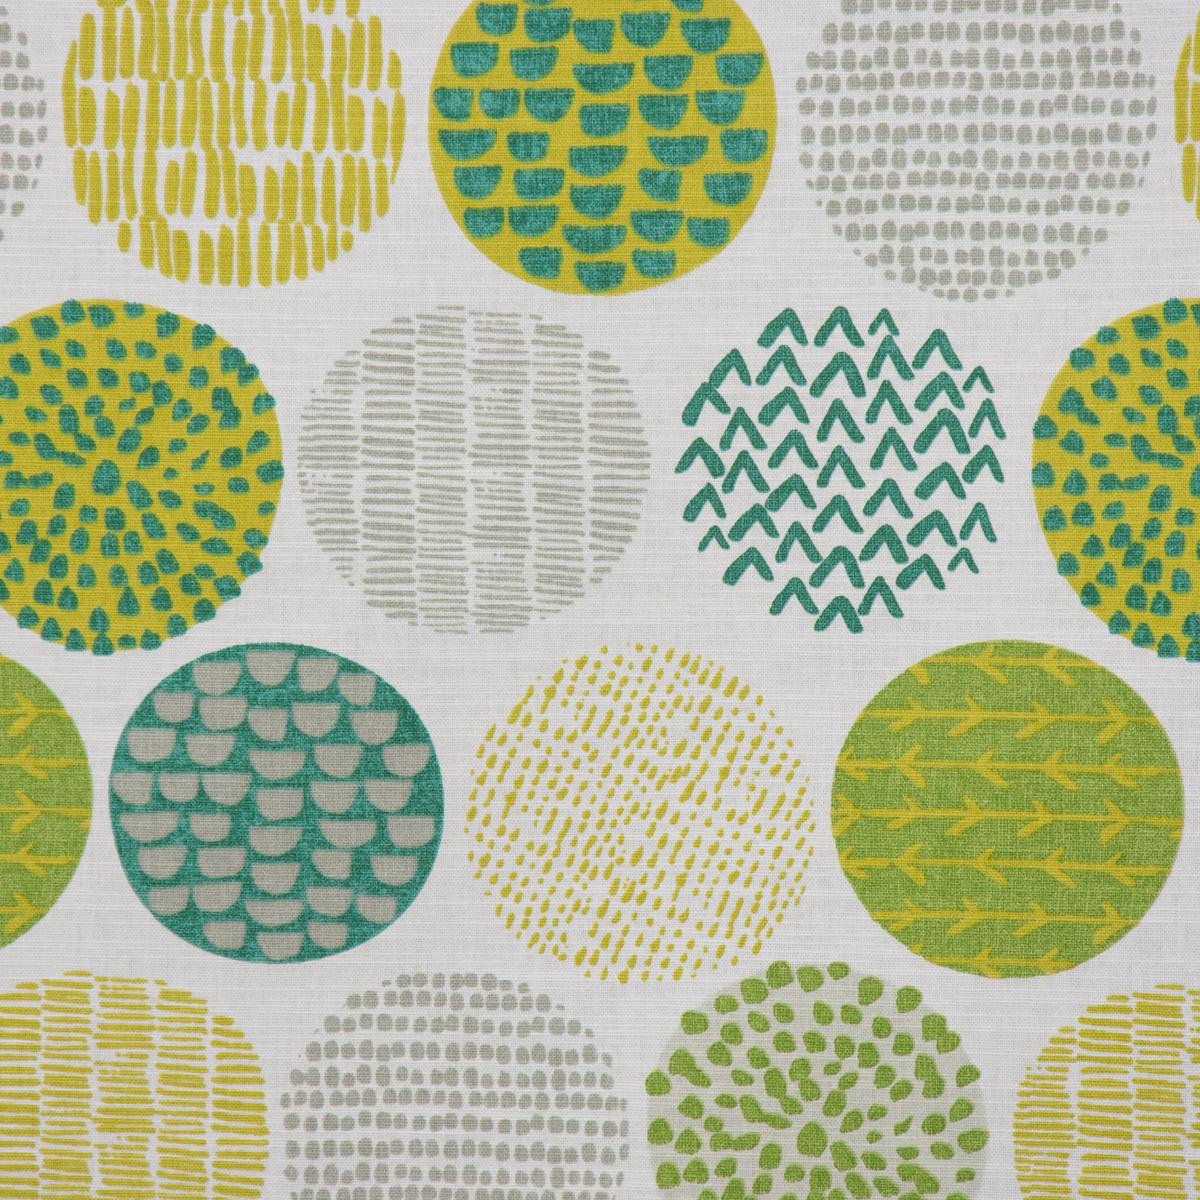 Panama Dekostoff Baumwollstoff Casa Cactus creme Kreise grün taupe Tönen verschiedene Motive 1,4m Breite